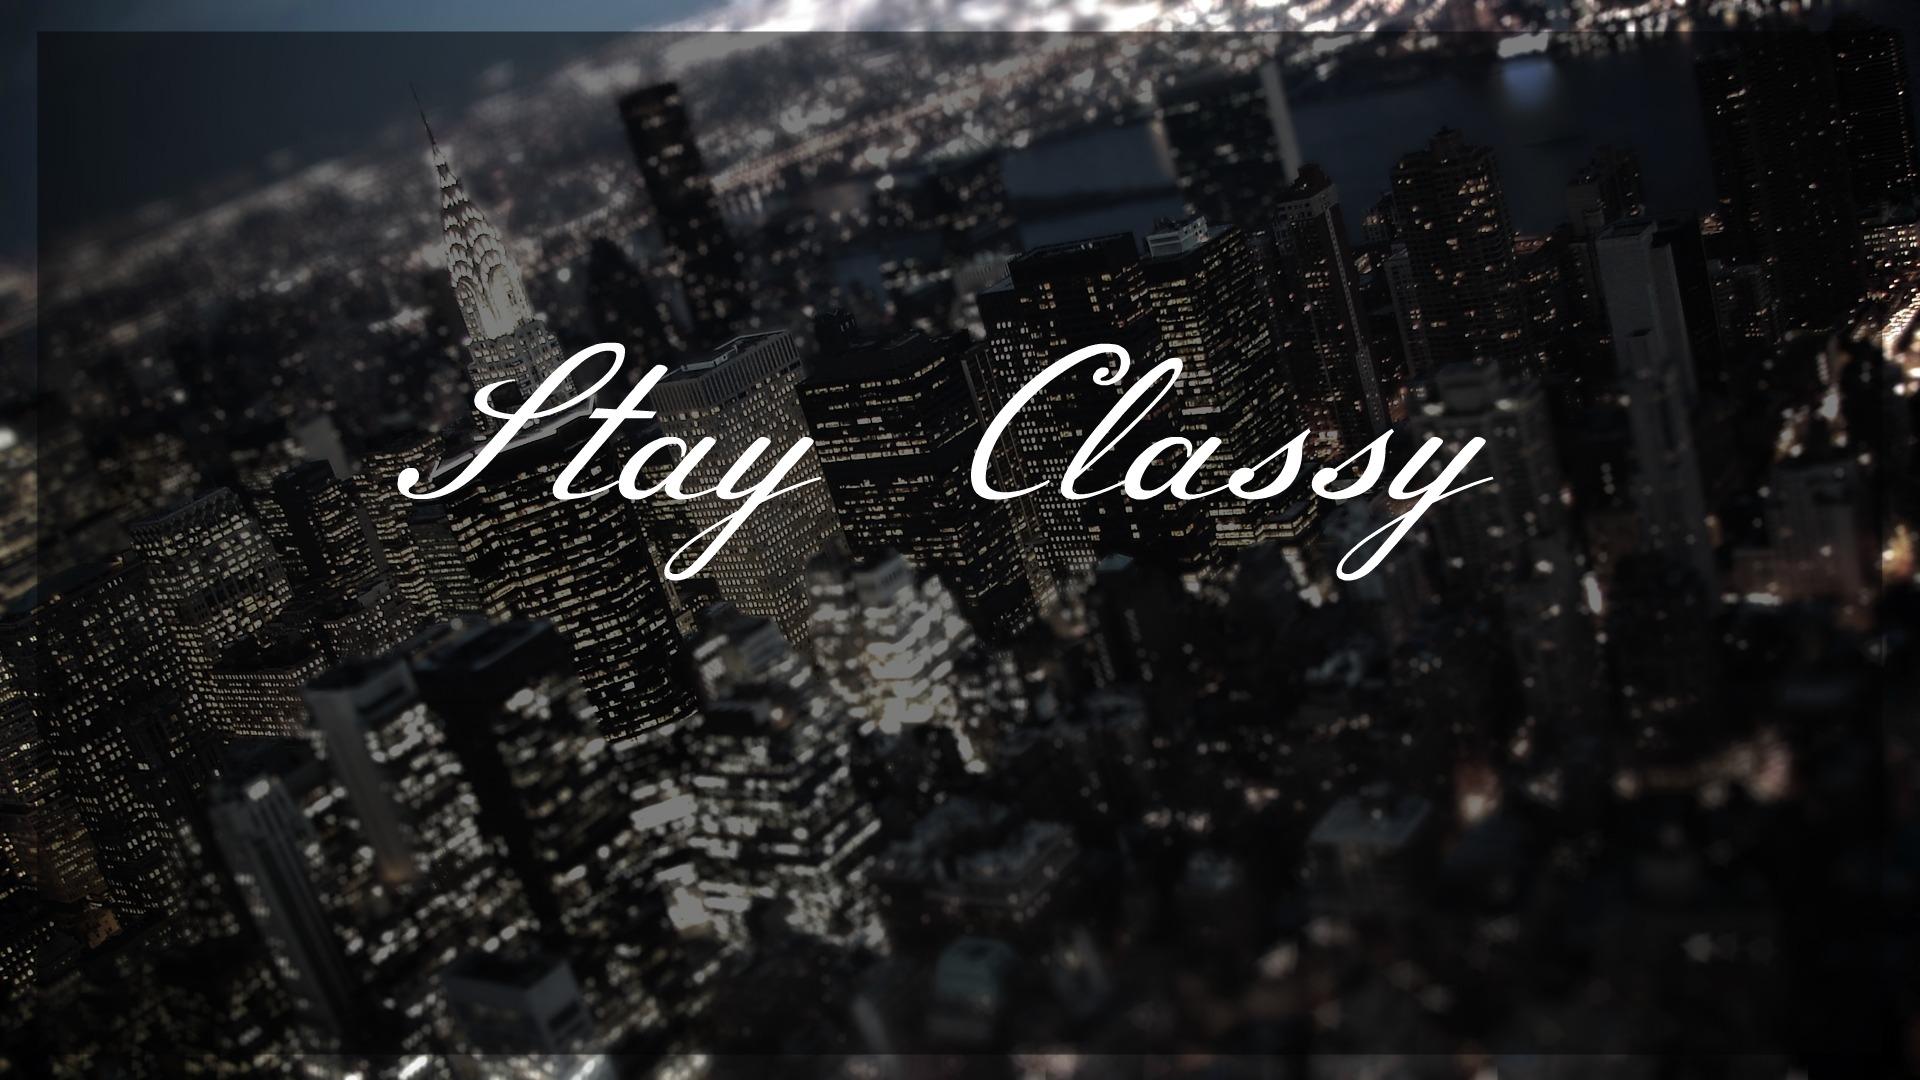 Classy Desktop Wallpaper - WallpaperSafari